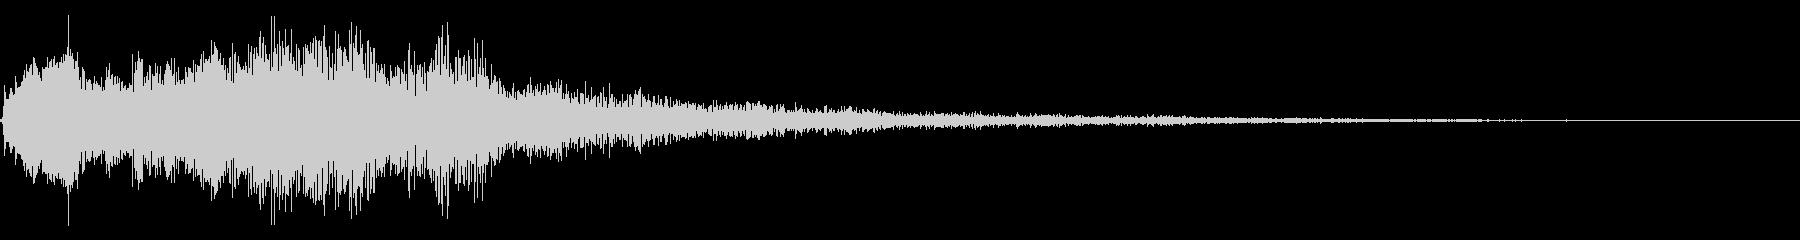 明るいテロップ音 ボタン音 決定音17bの未再生の波形